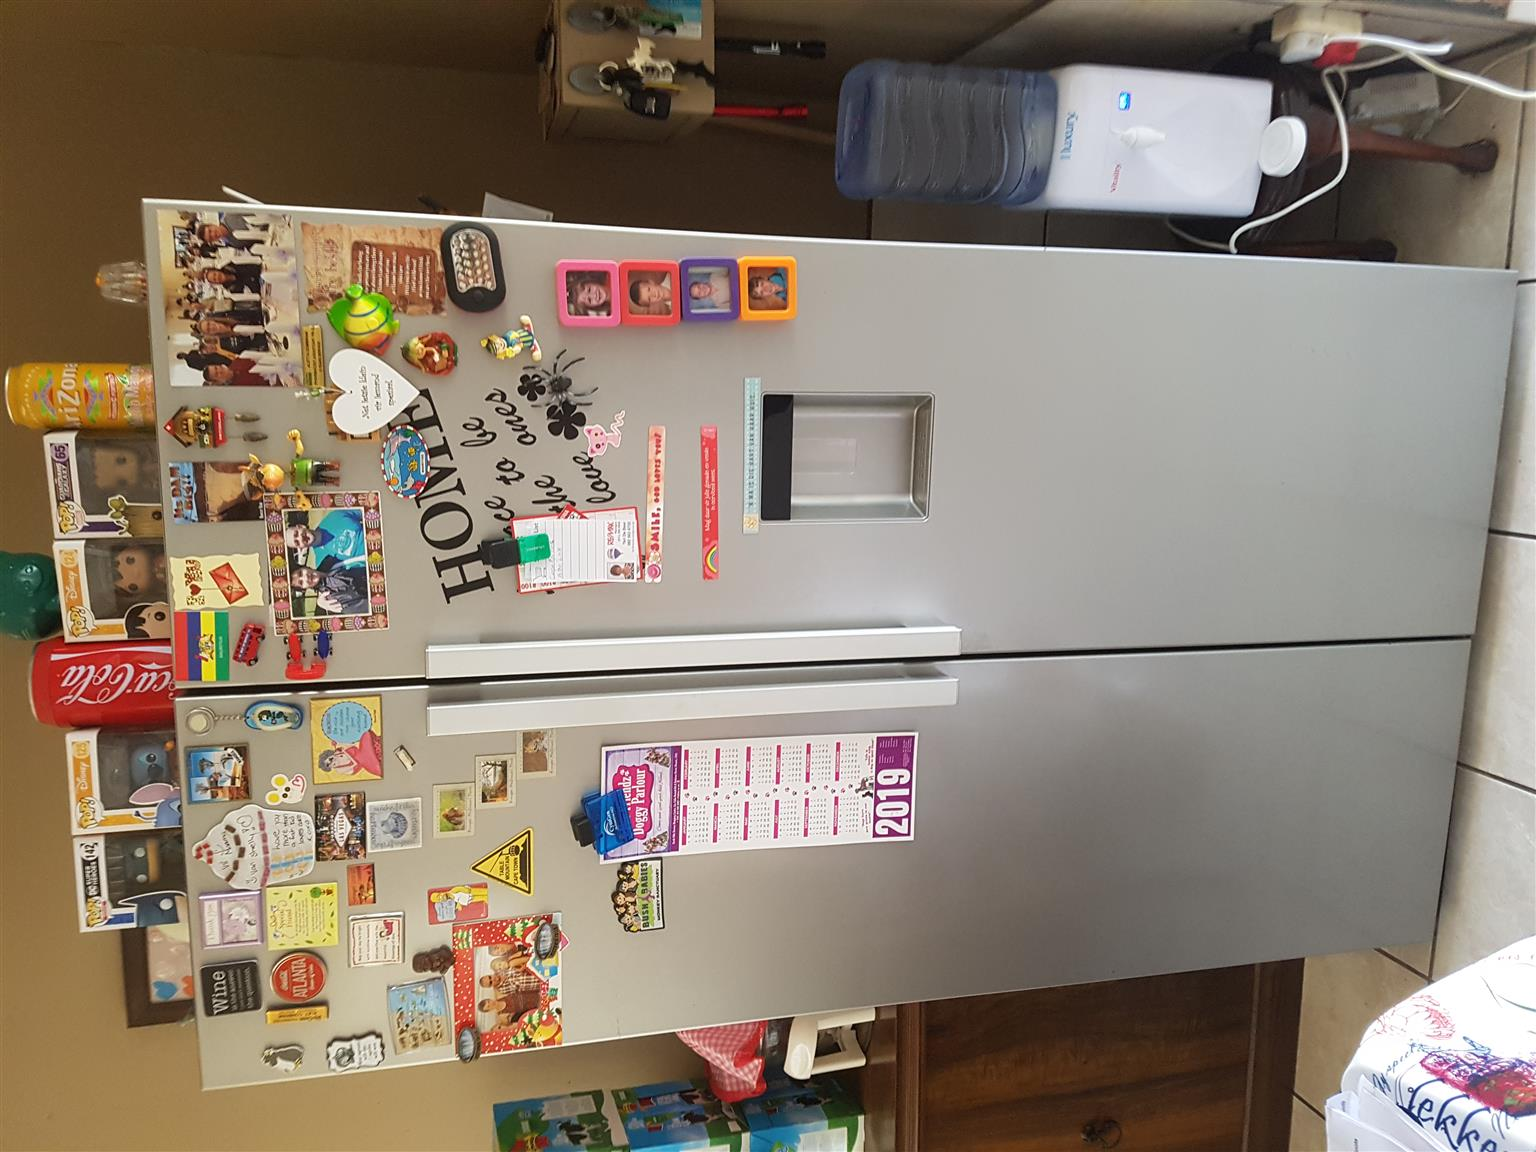 Defy double door fridge